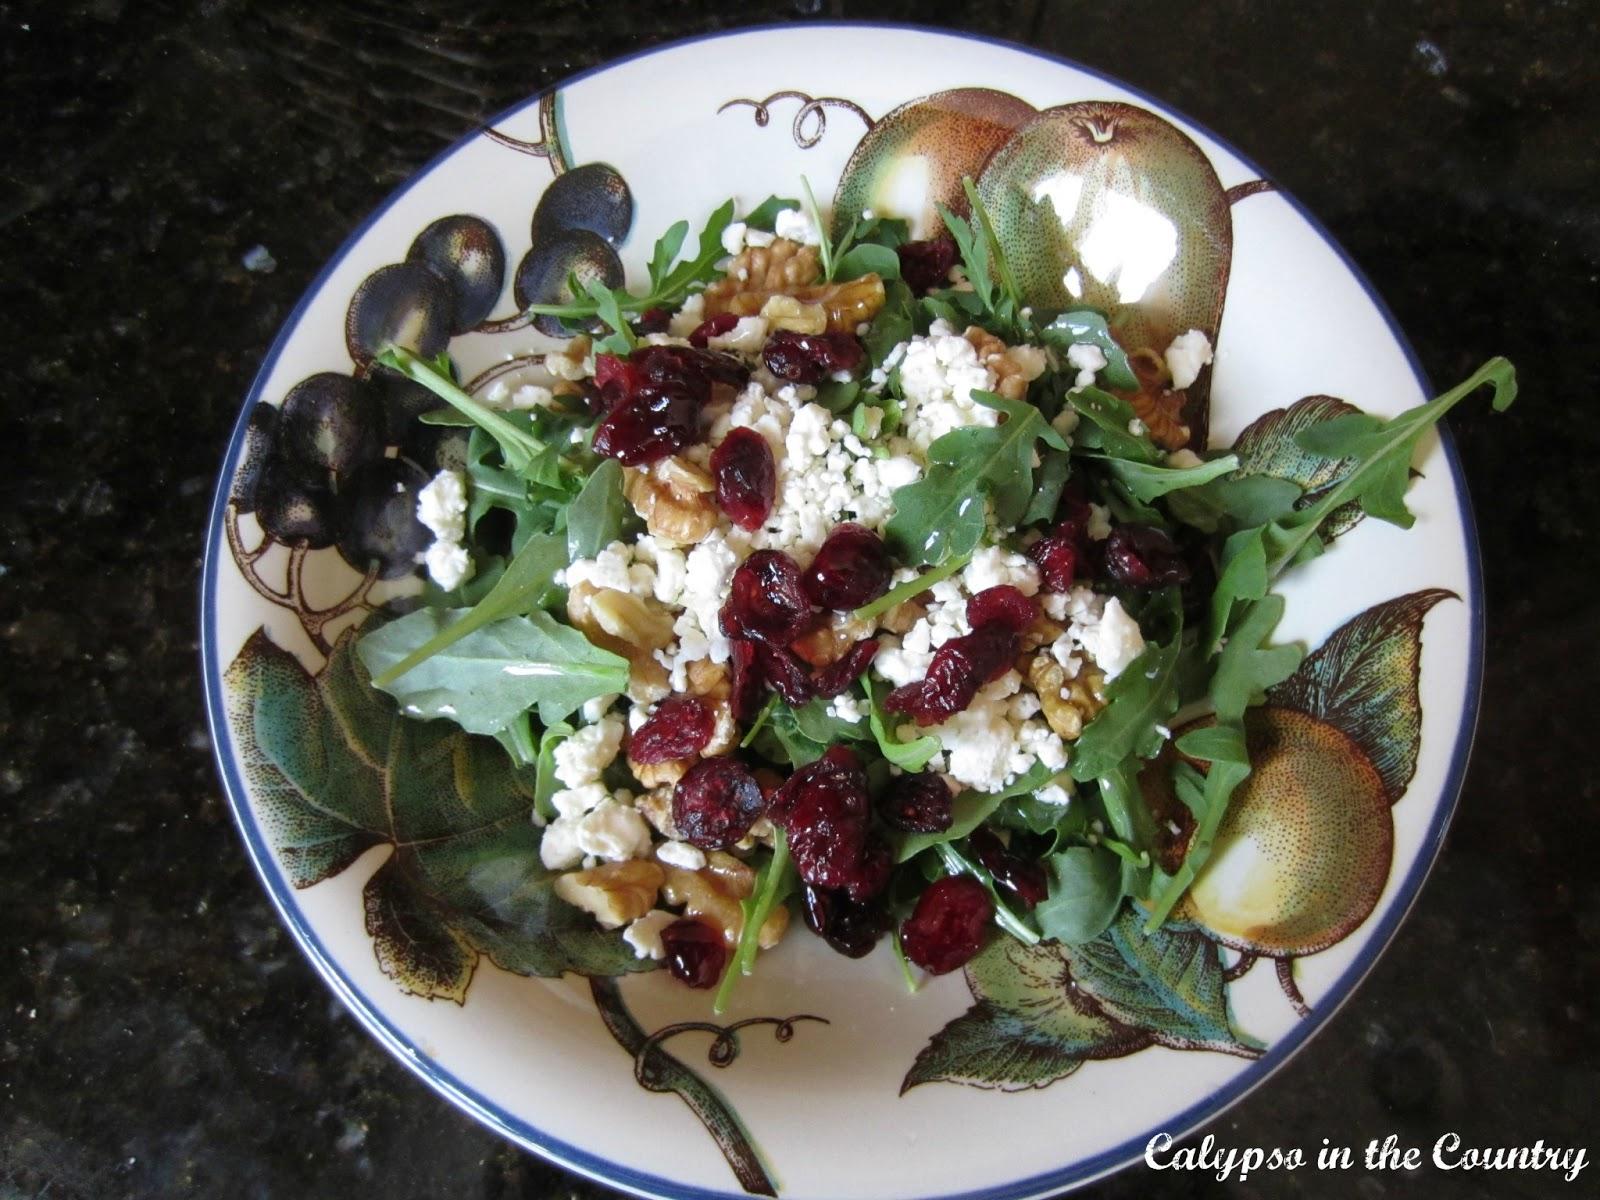 Cranberry and Arugula Salad